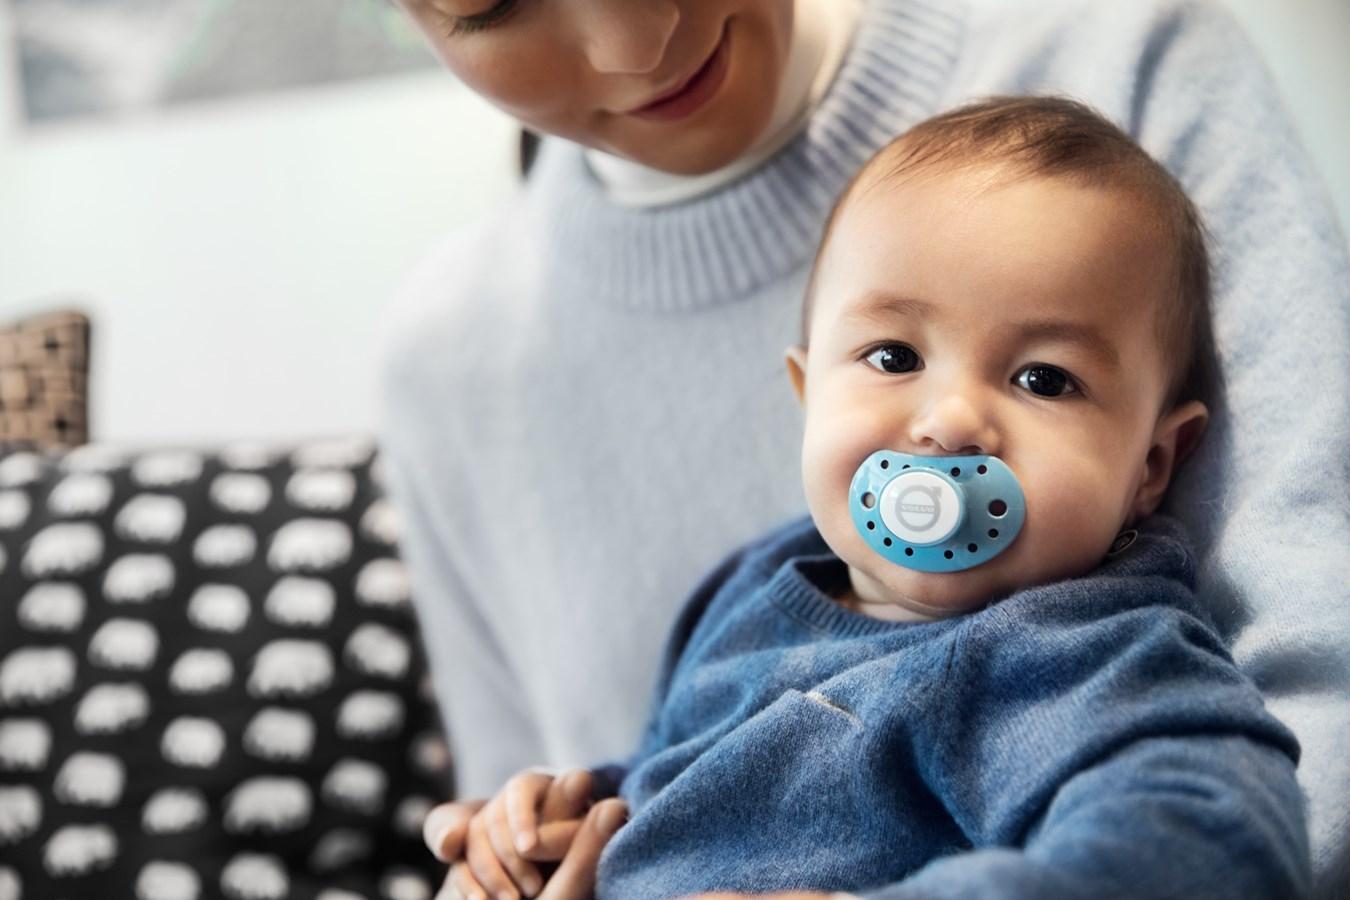 Weltweite Initiative: Volvo Cars gewährt allen Mitarbeitern mindestens 24 Wochen Elternzeit